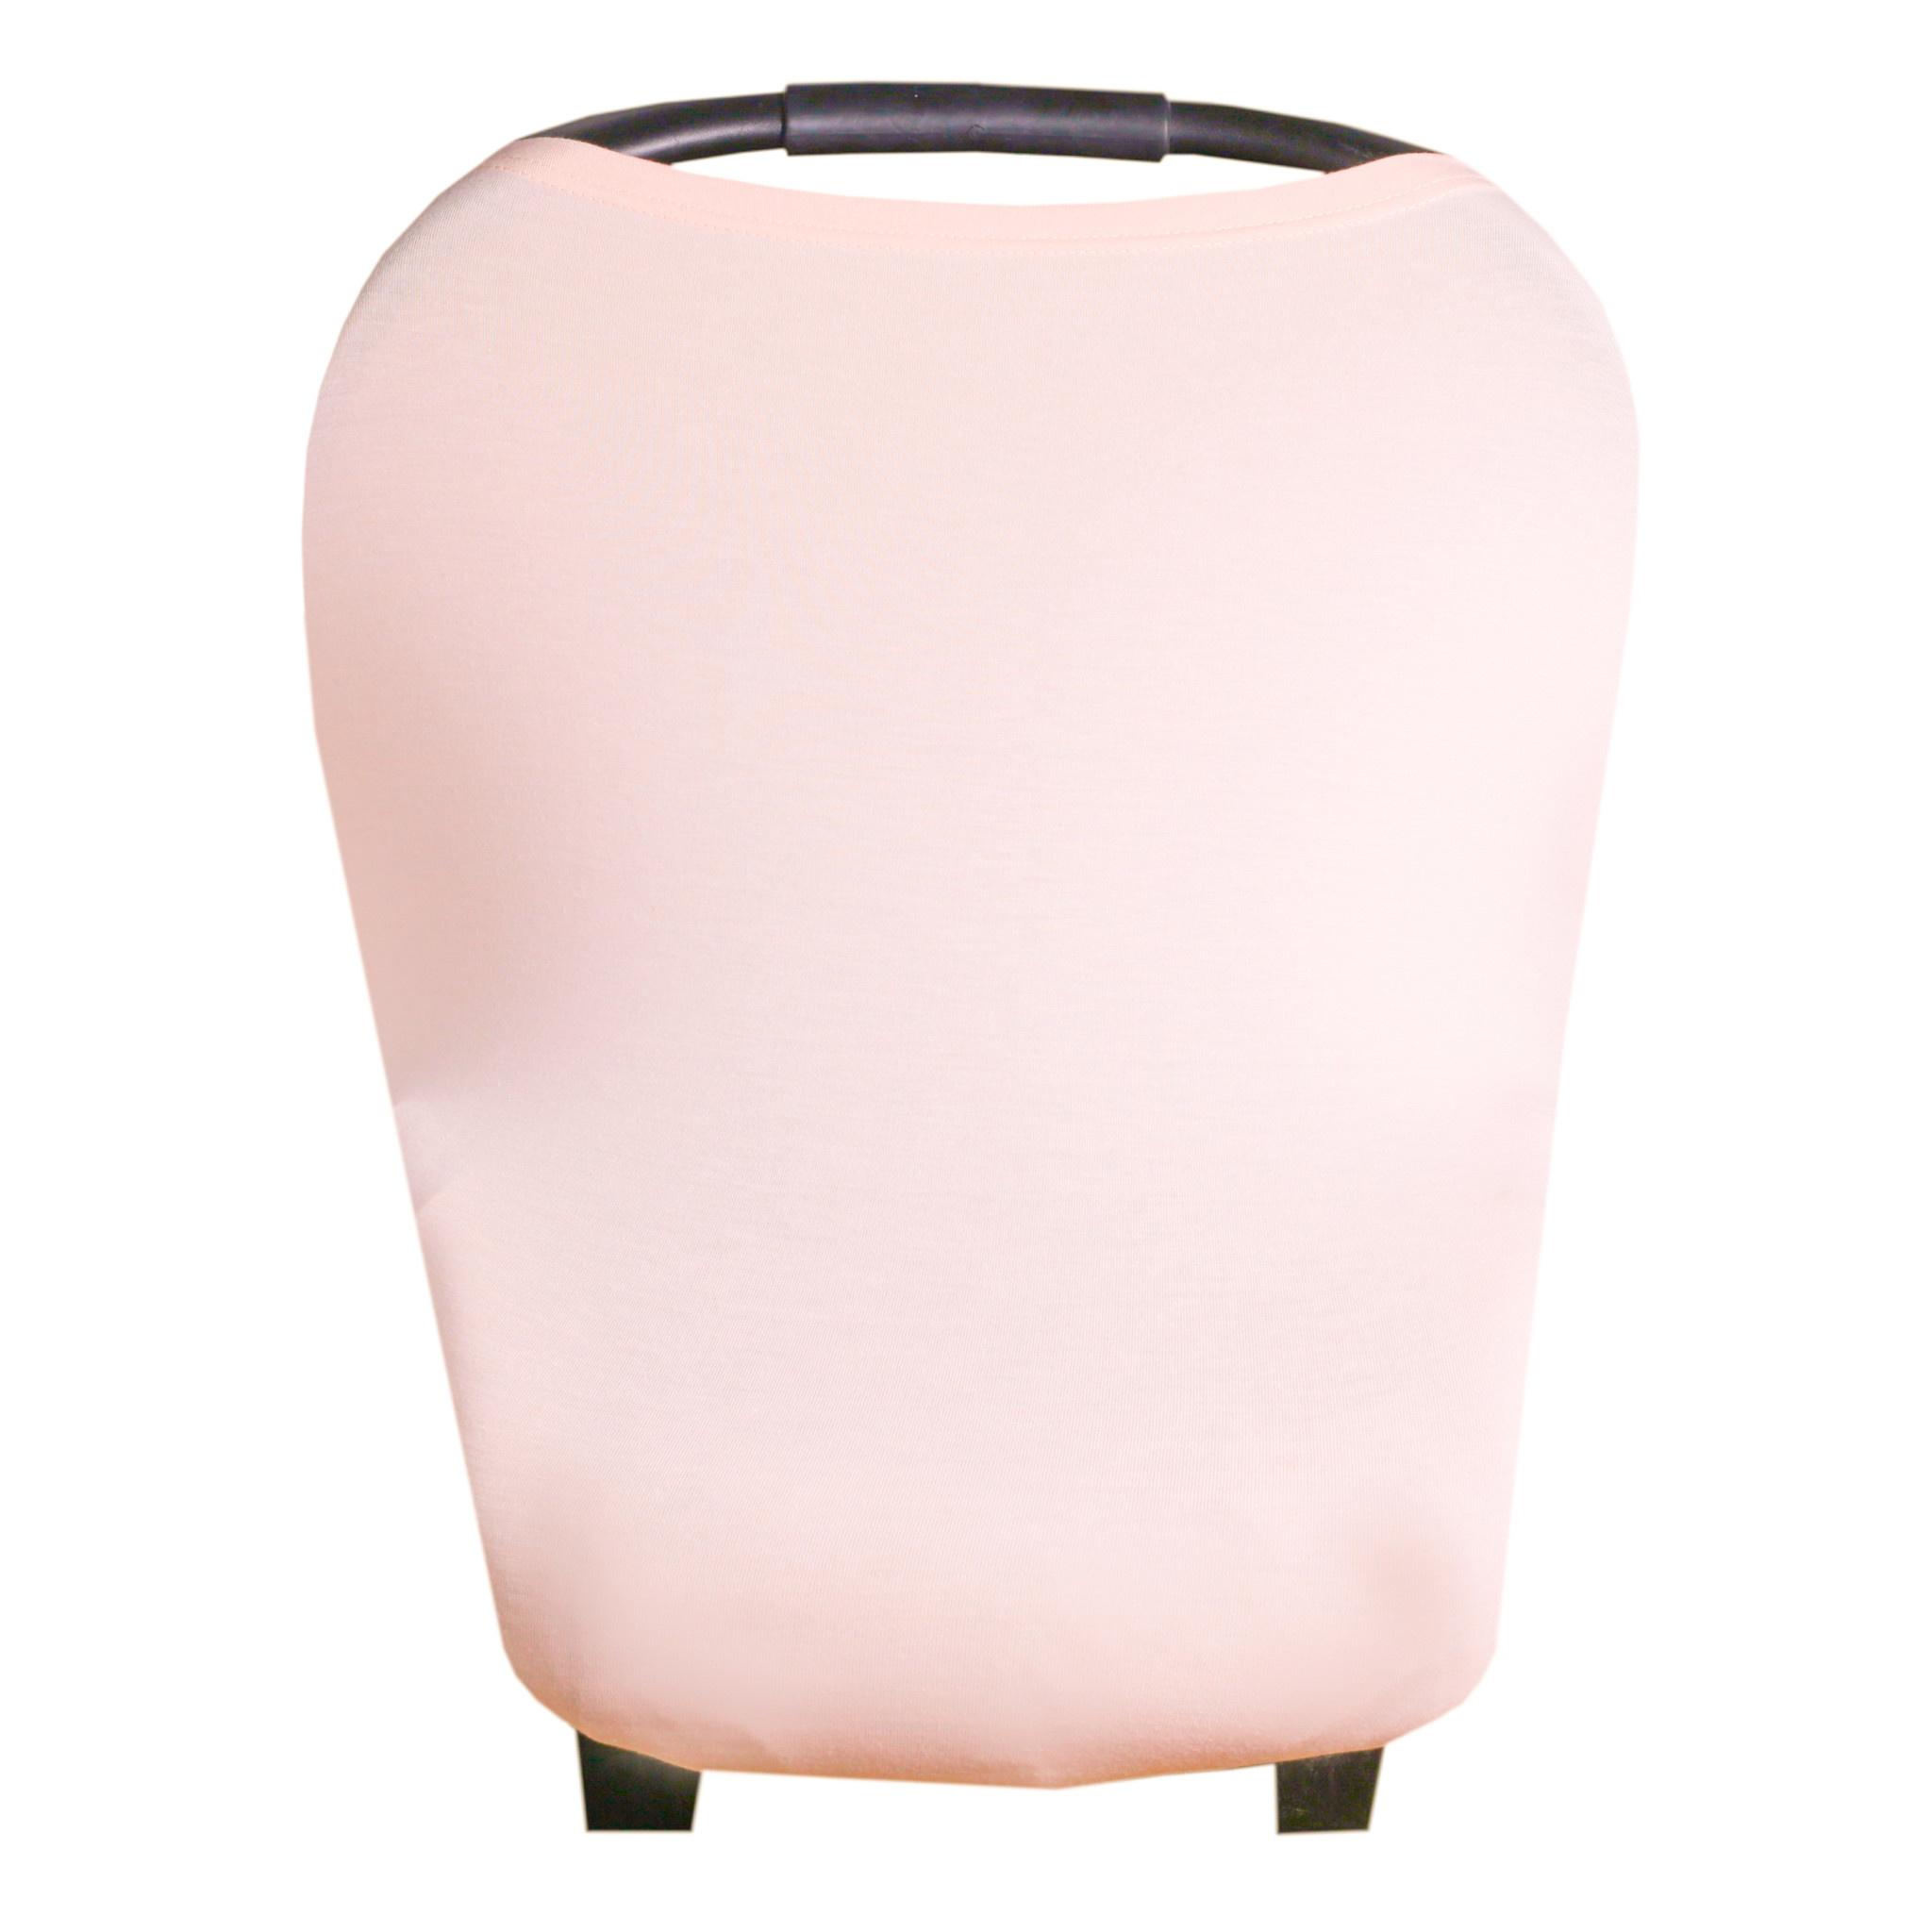 Copper Pearl Multi-Use Cover Blush